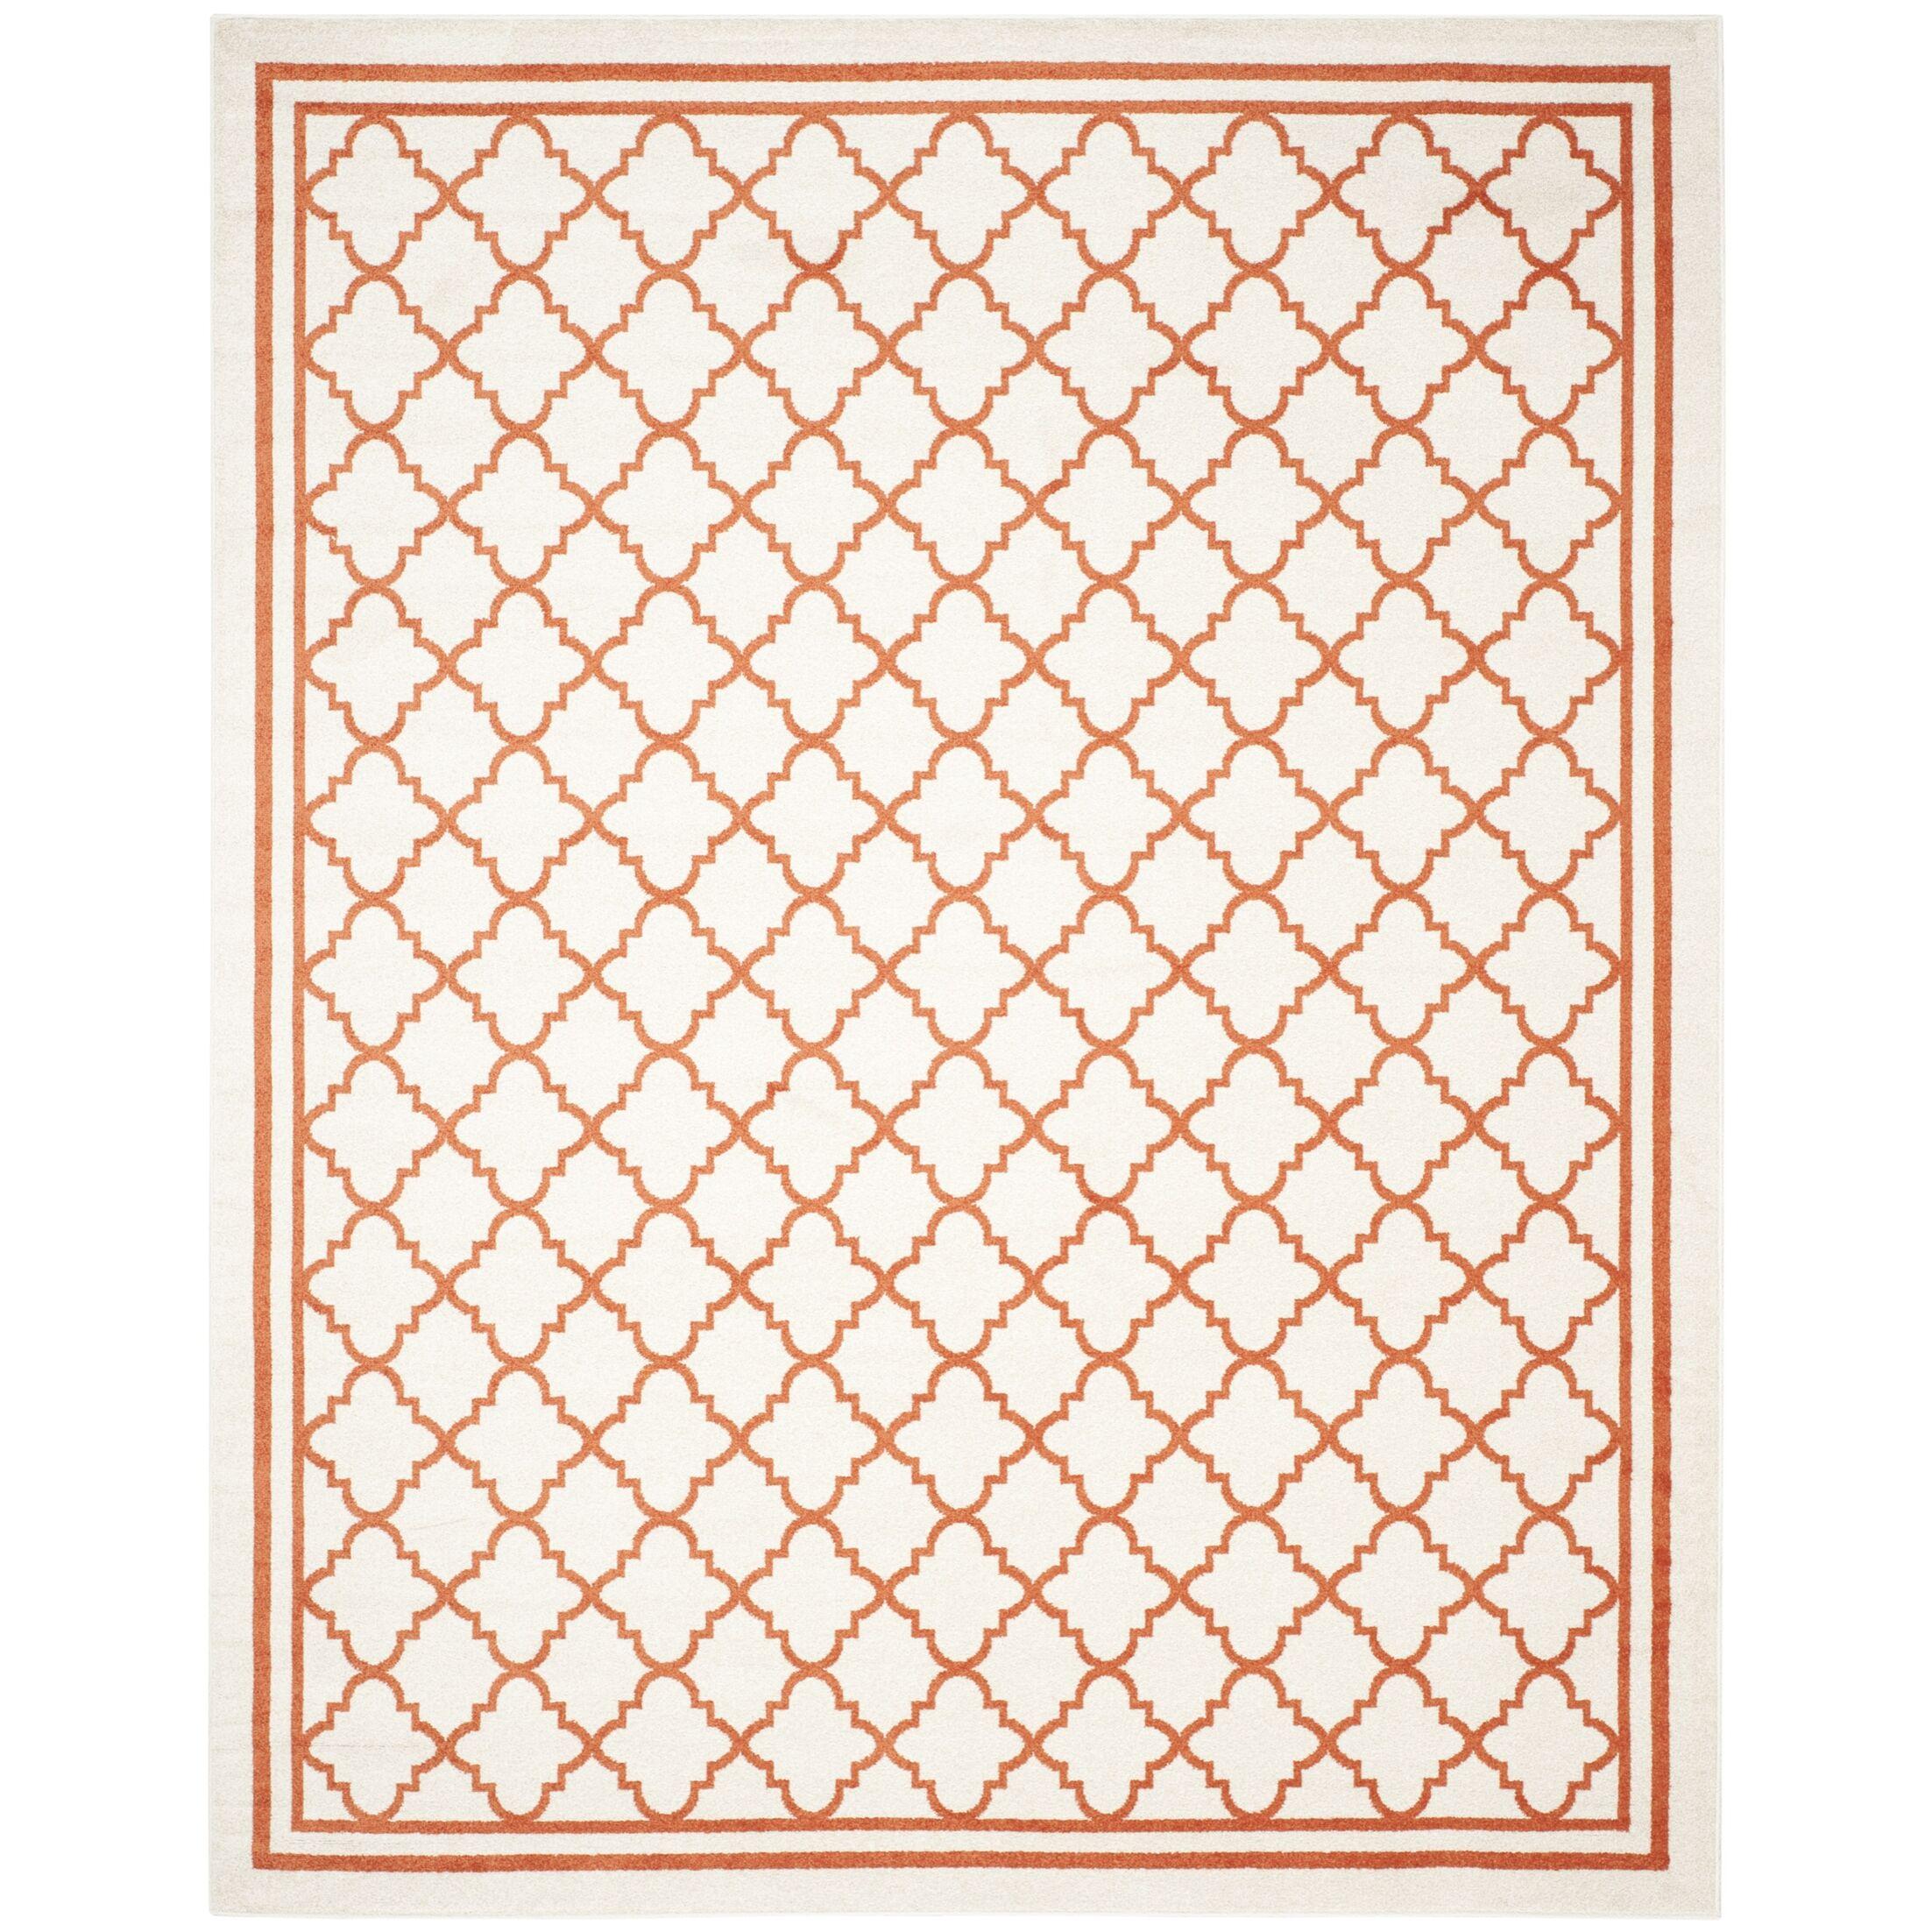 Maritza Beige/Orange Indoor/Outdoor Area Rug Rug Size: Rectangle 9' x 12'